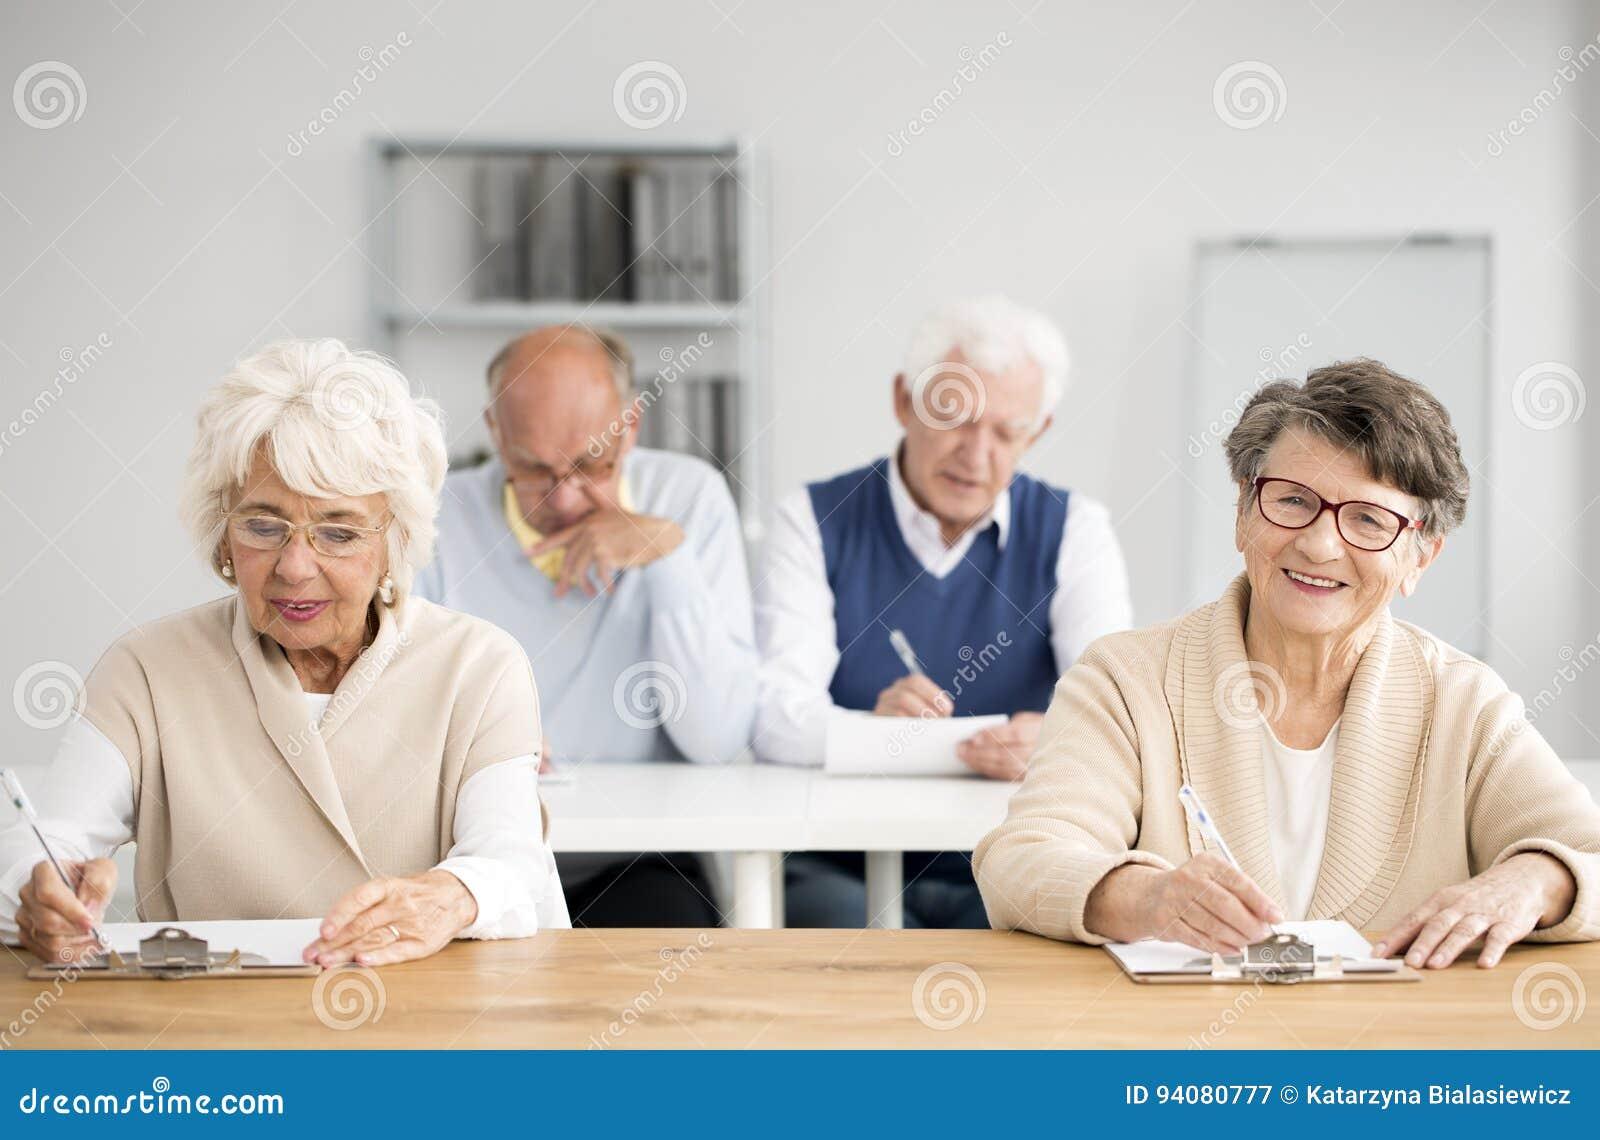 Four seniors during computer classes